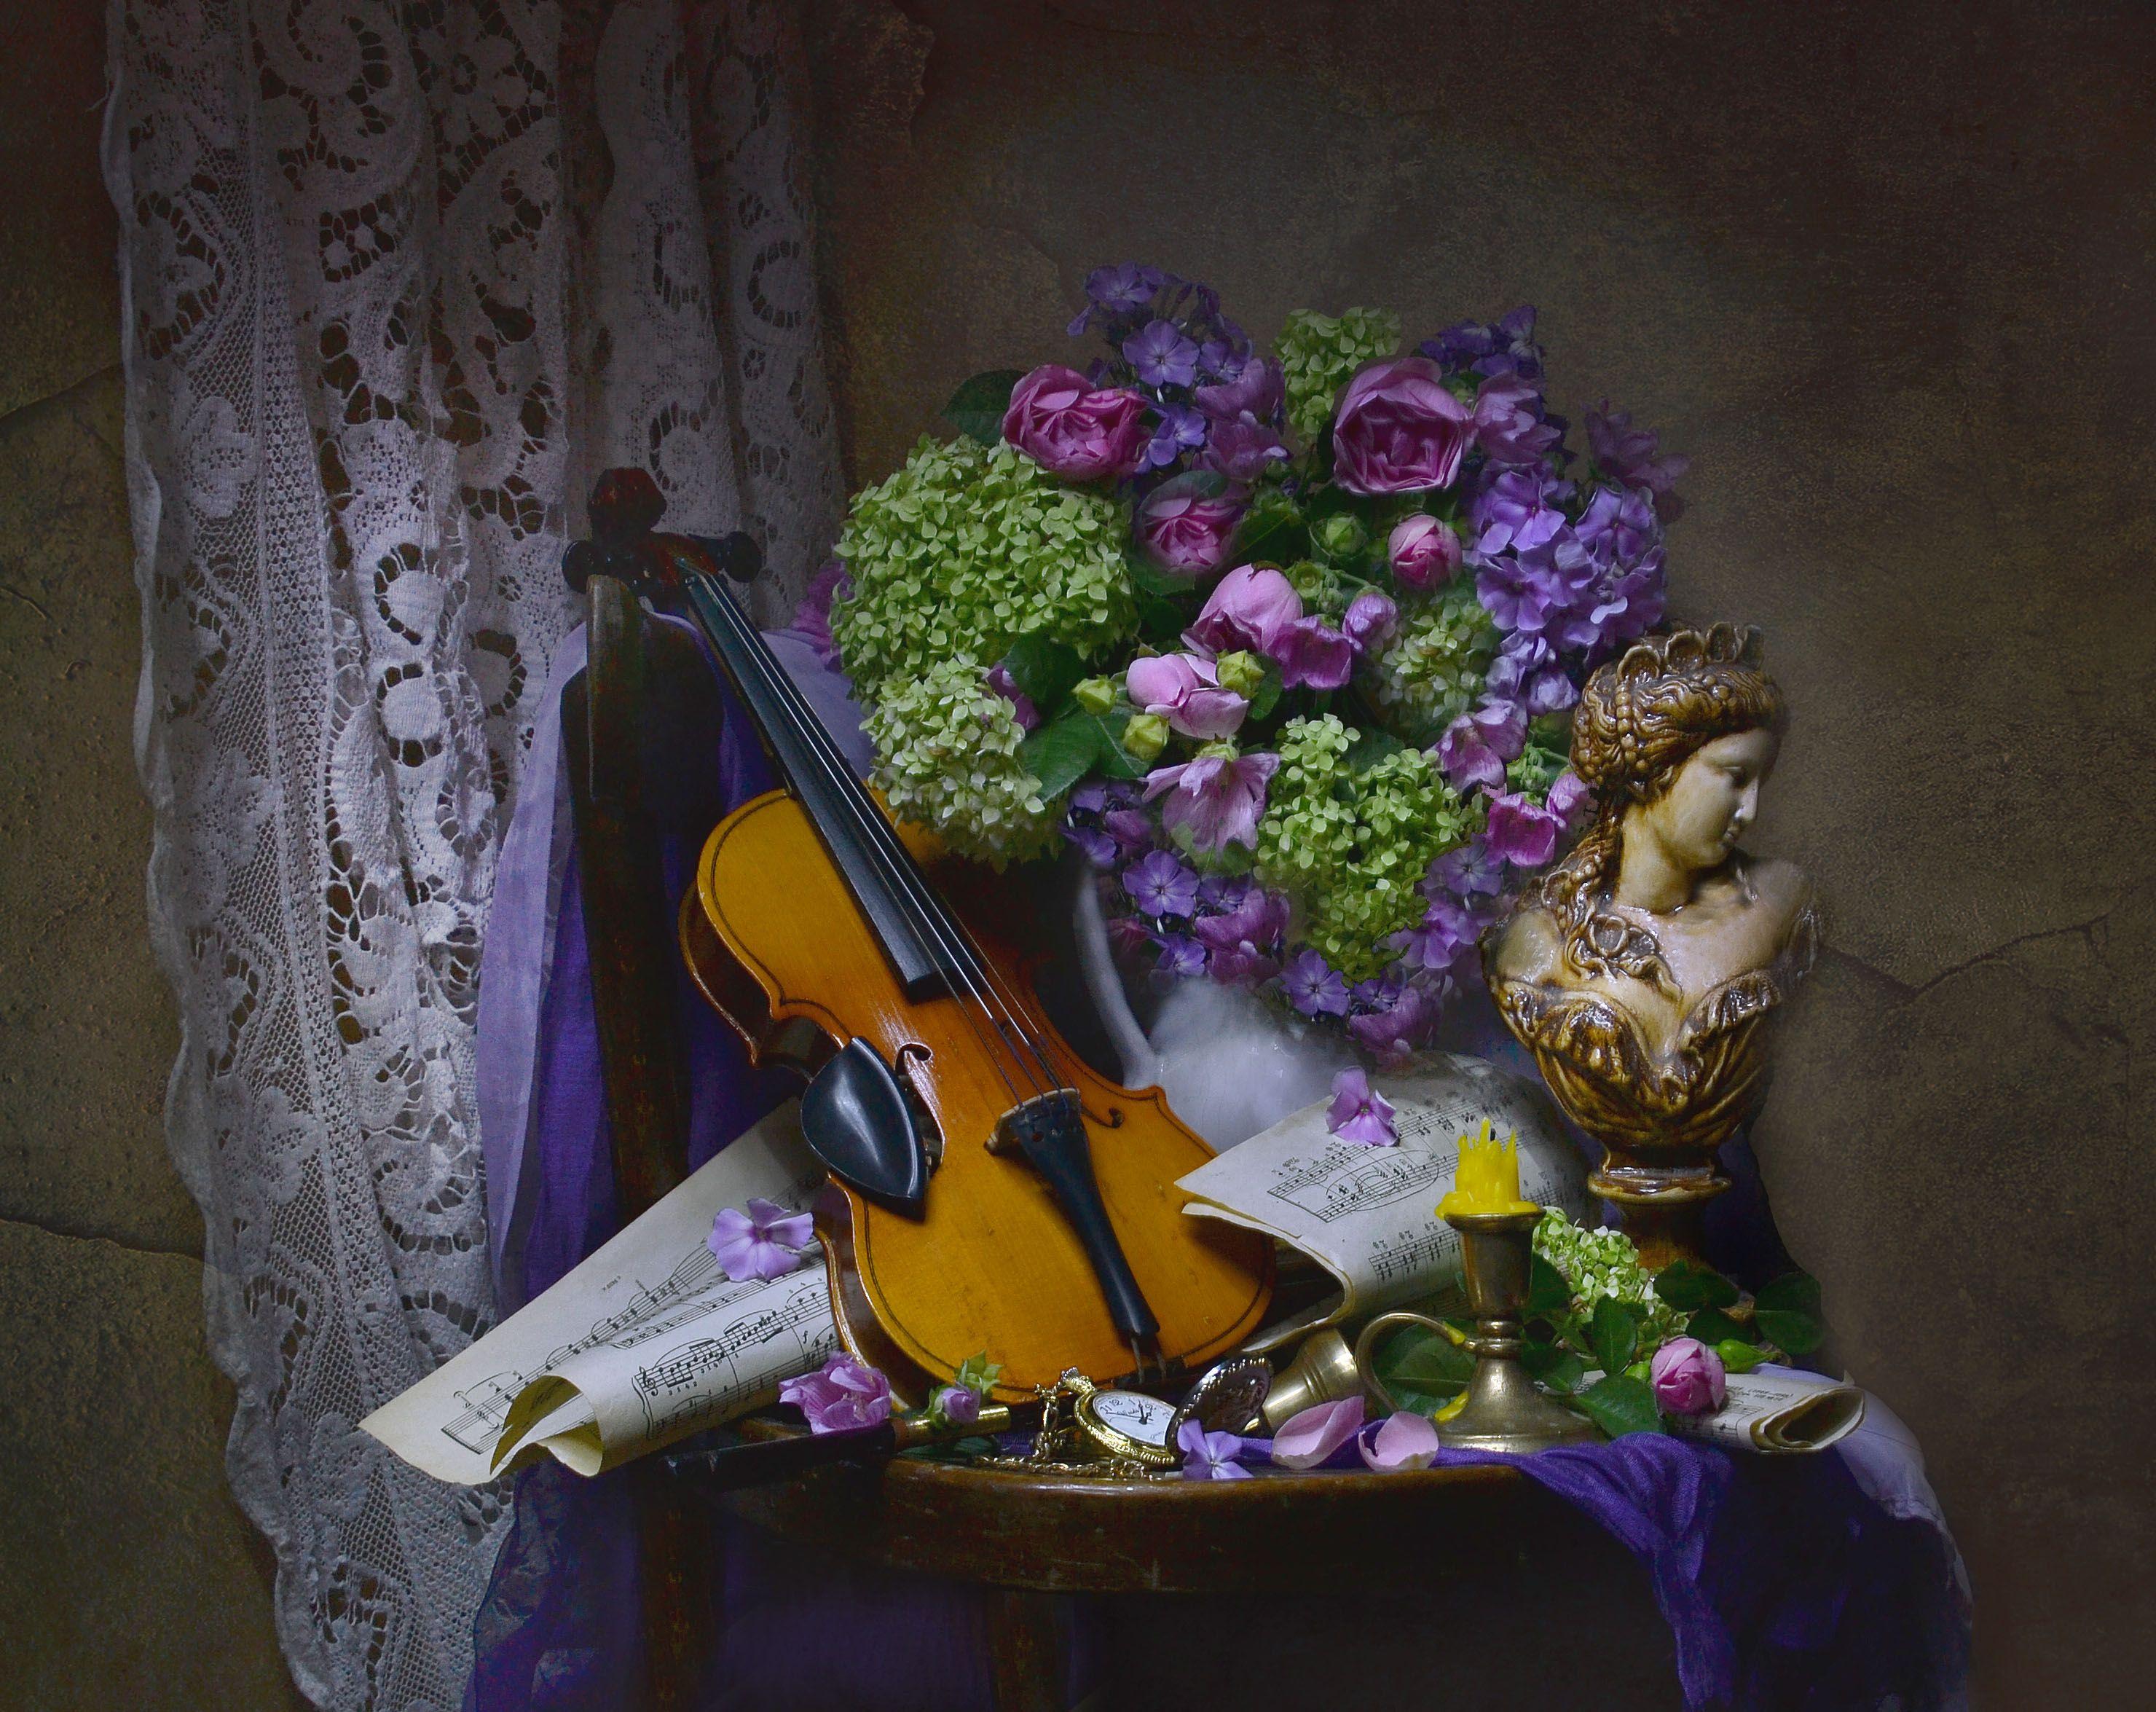 still life, натюрморт,фото натюрморт, август, лето, цветы, флоксы, гортензия, розы, скрипка, ноты, подсвечник, часы, смычок, Колова Валентина